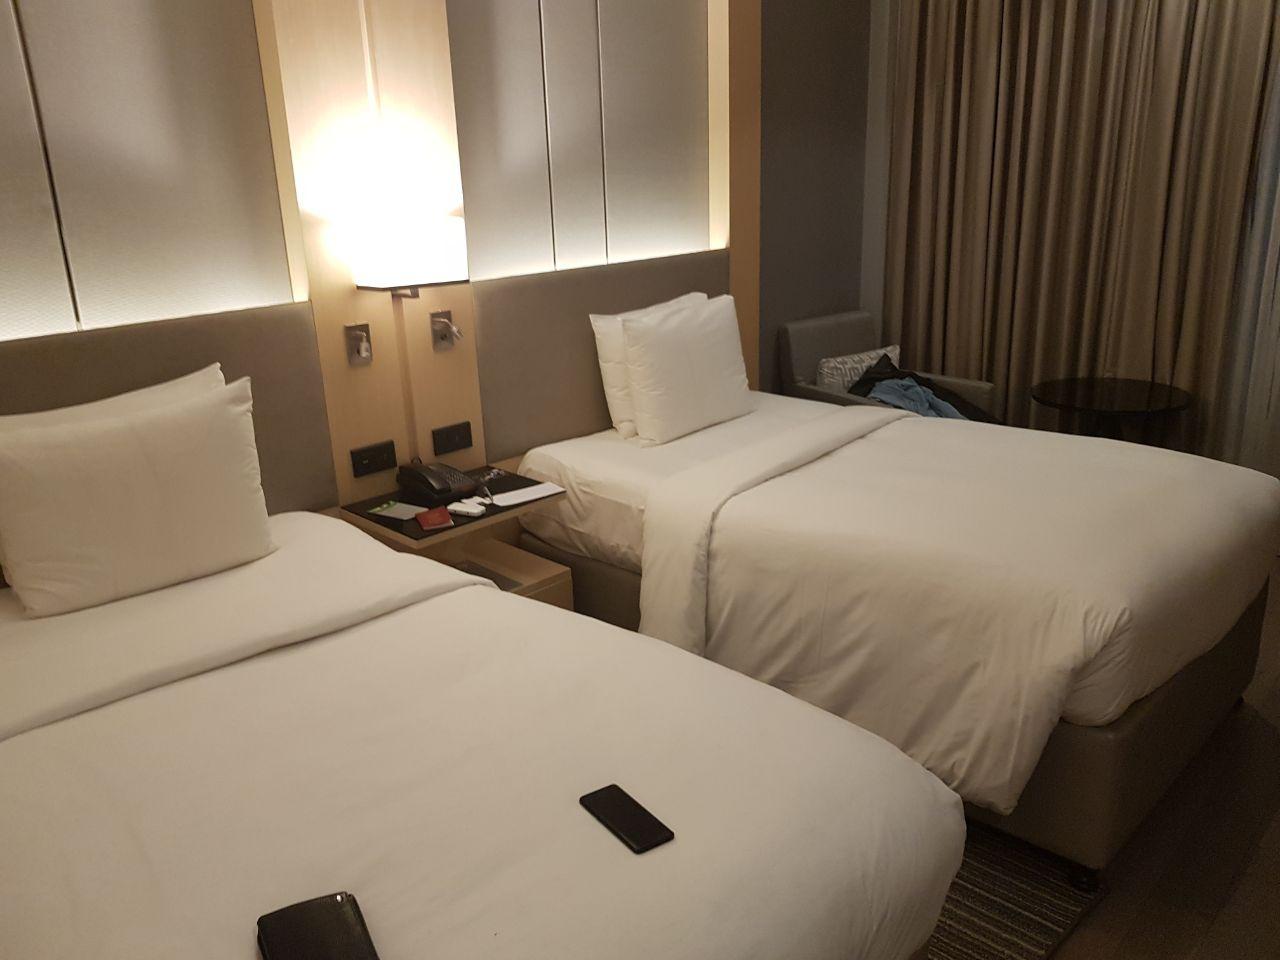 Номера в отеле как и везде цивильно и уютно